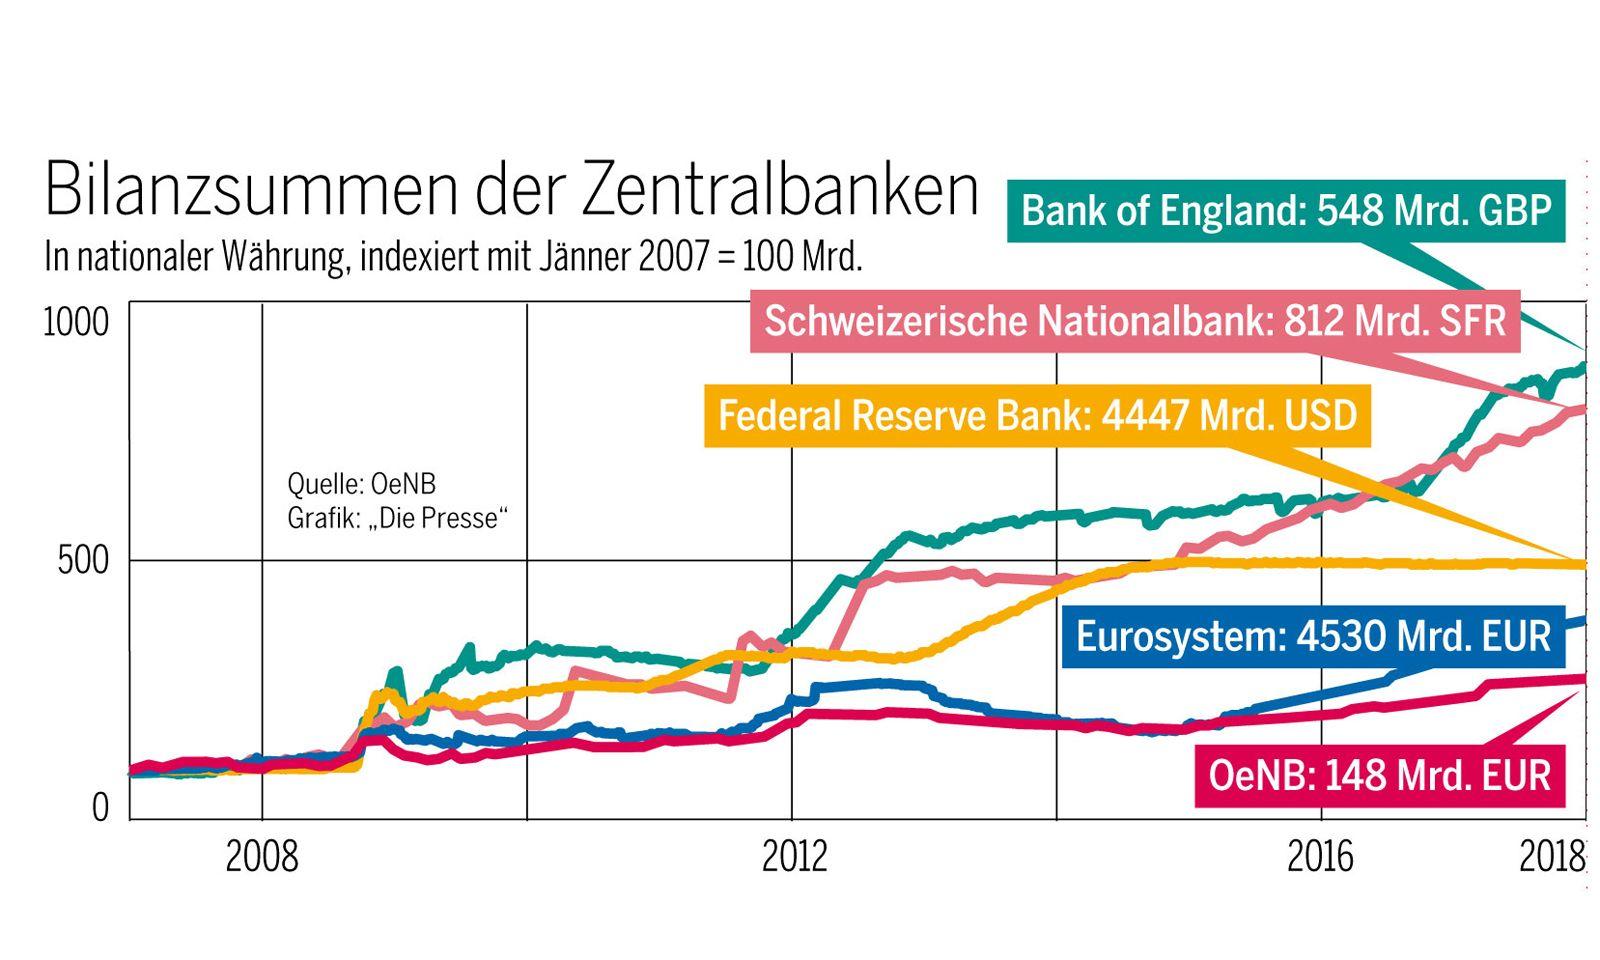 Bilanzen der Zentralbanken